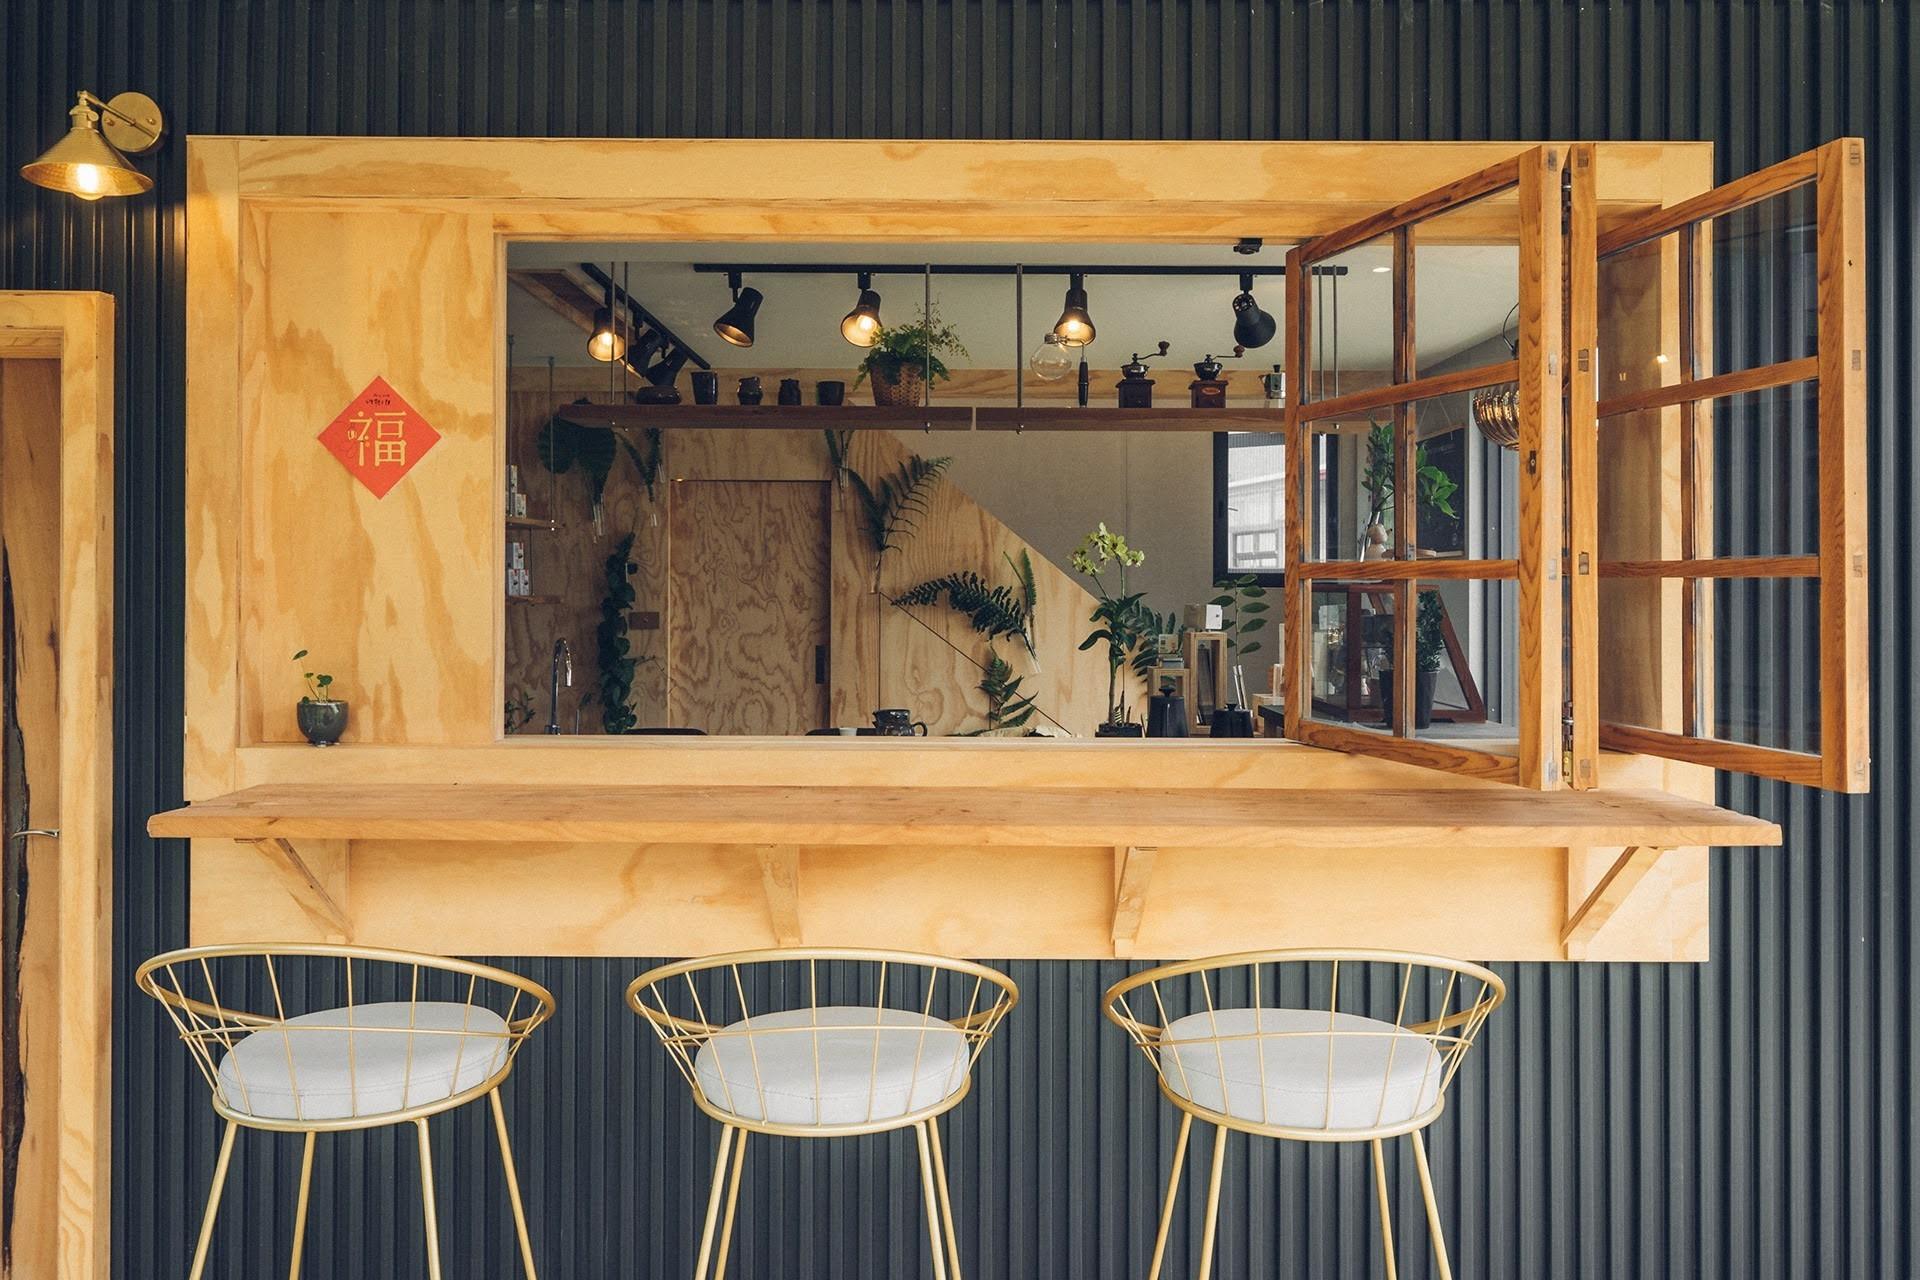 阿里山樟樹湖山角鐵茶屋吧檯窗口設計